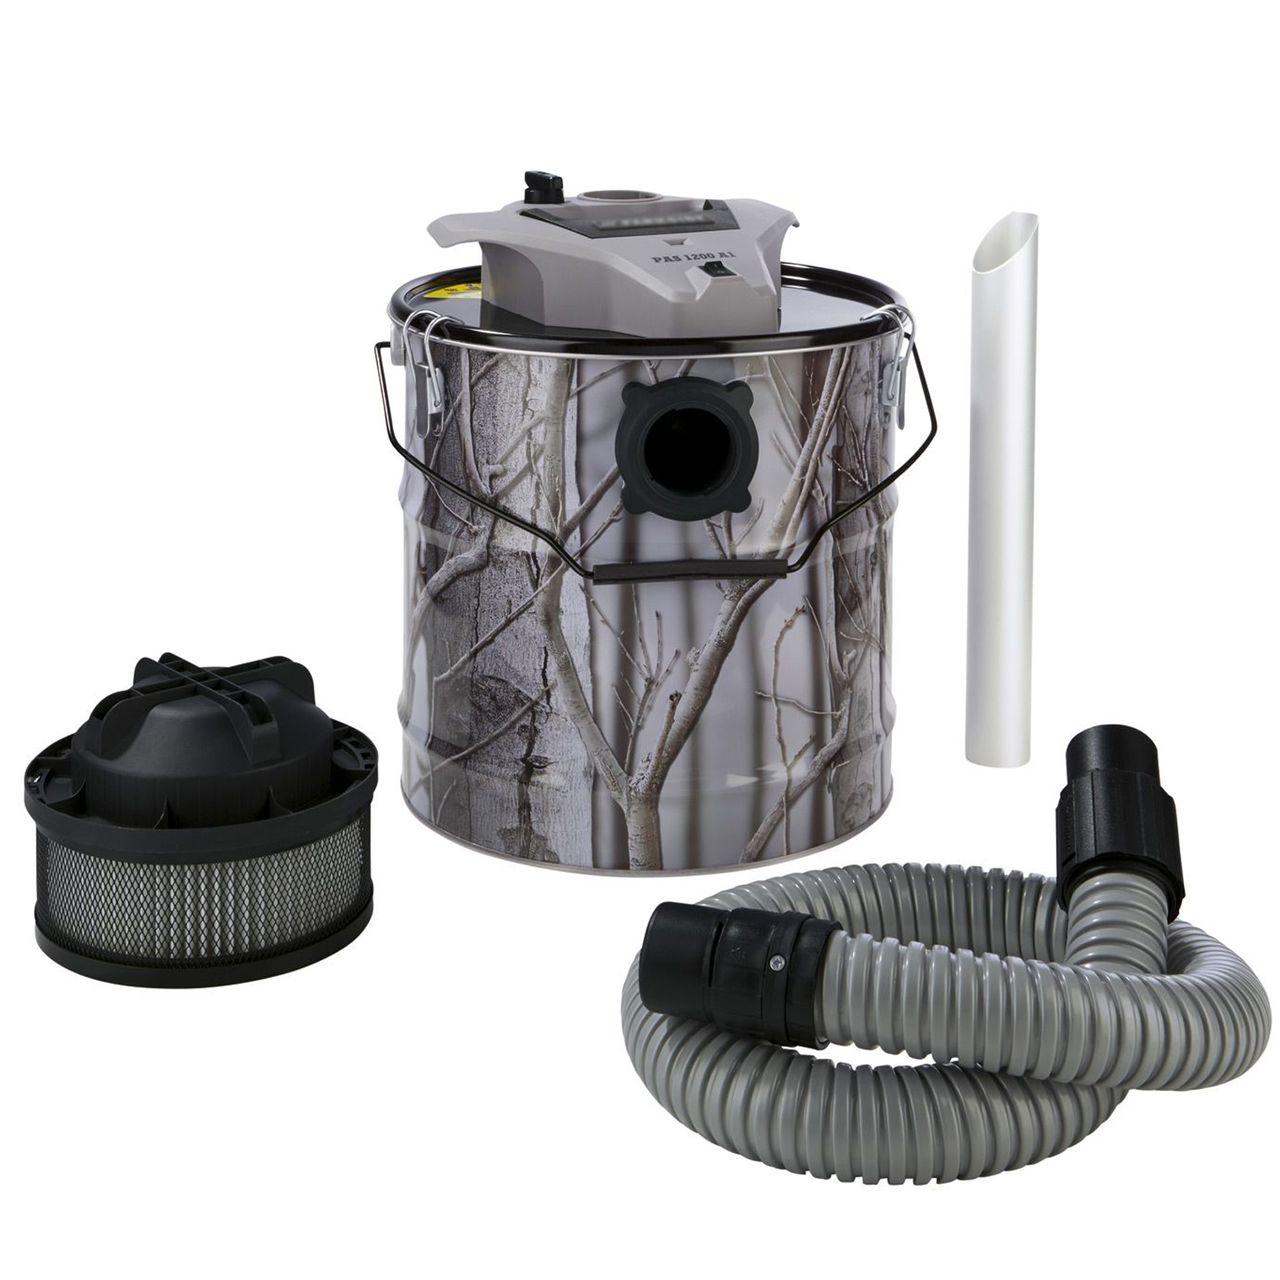 Grizzly Tools Aschesauger Kaminsauger 1200 Watt 18 Liter 2-stufiges Filtersystem